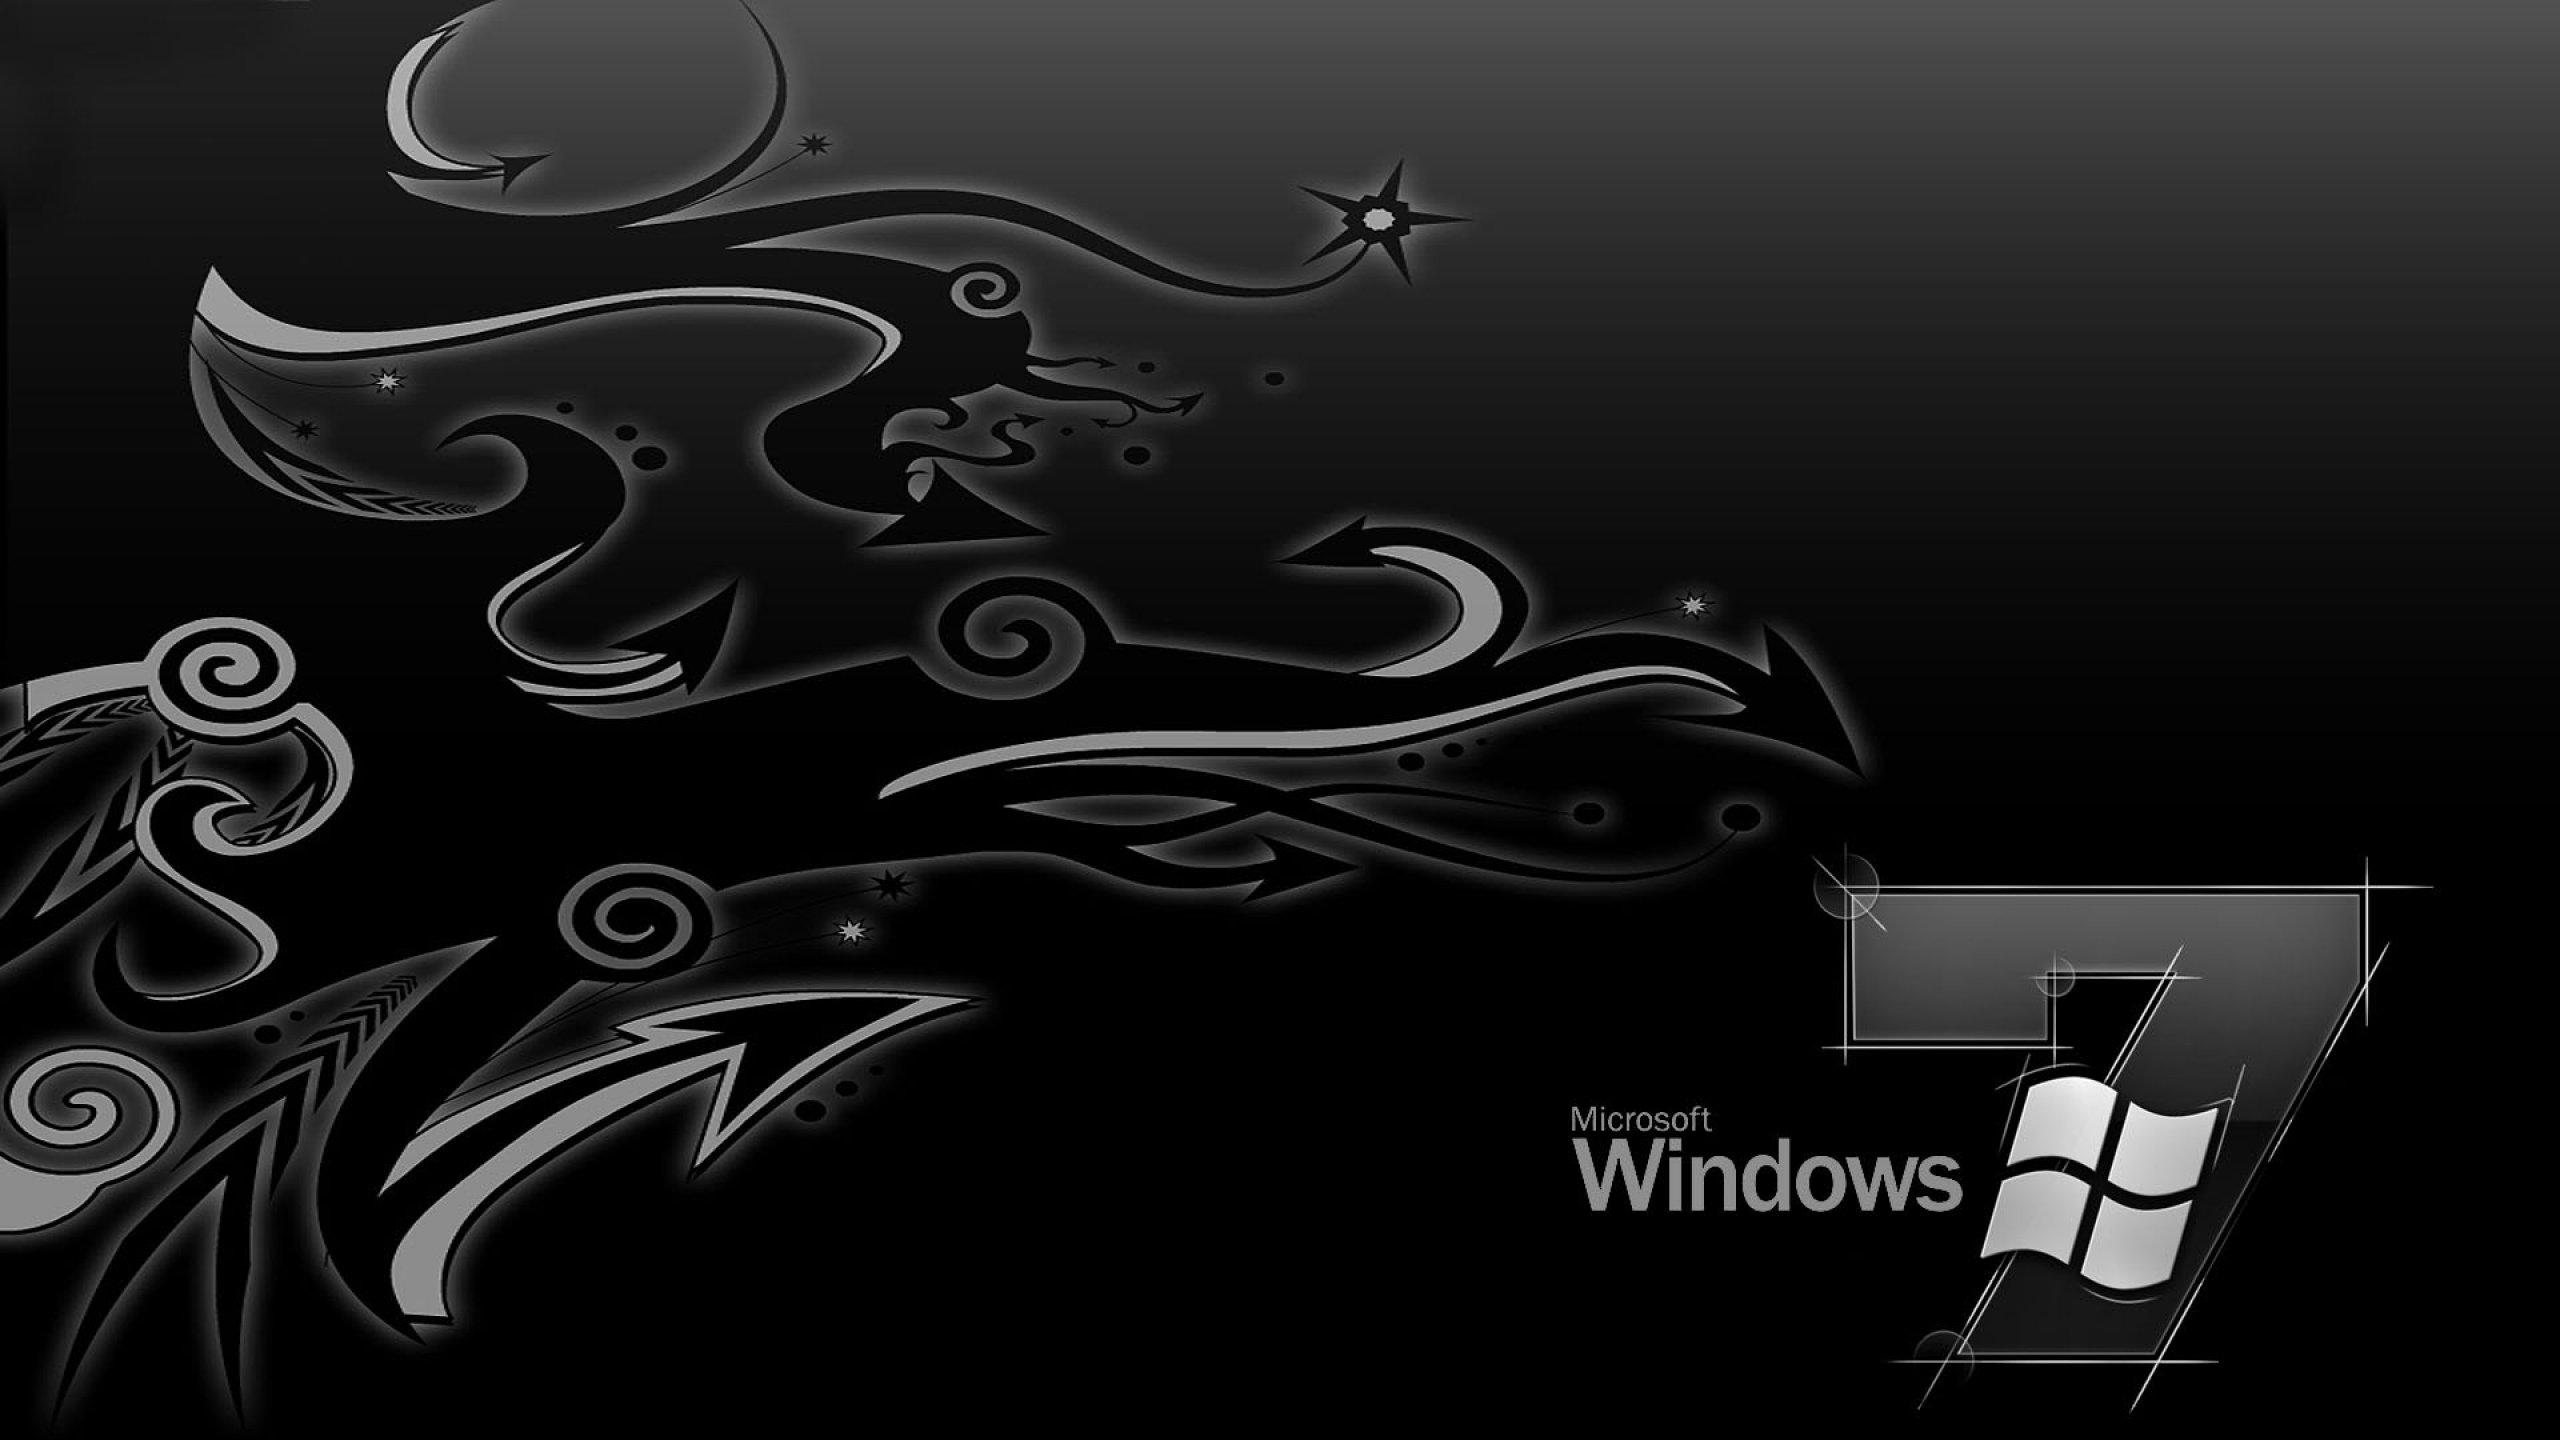 HDoboi.Kiev.ua - Microsoft Windows 7 черные тона